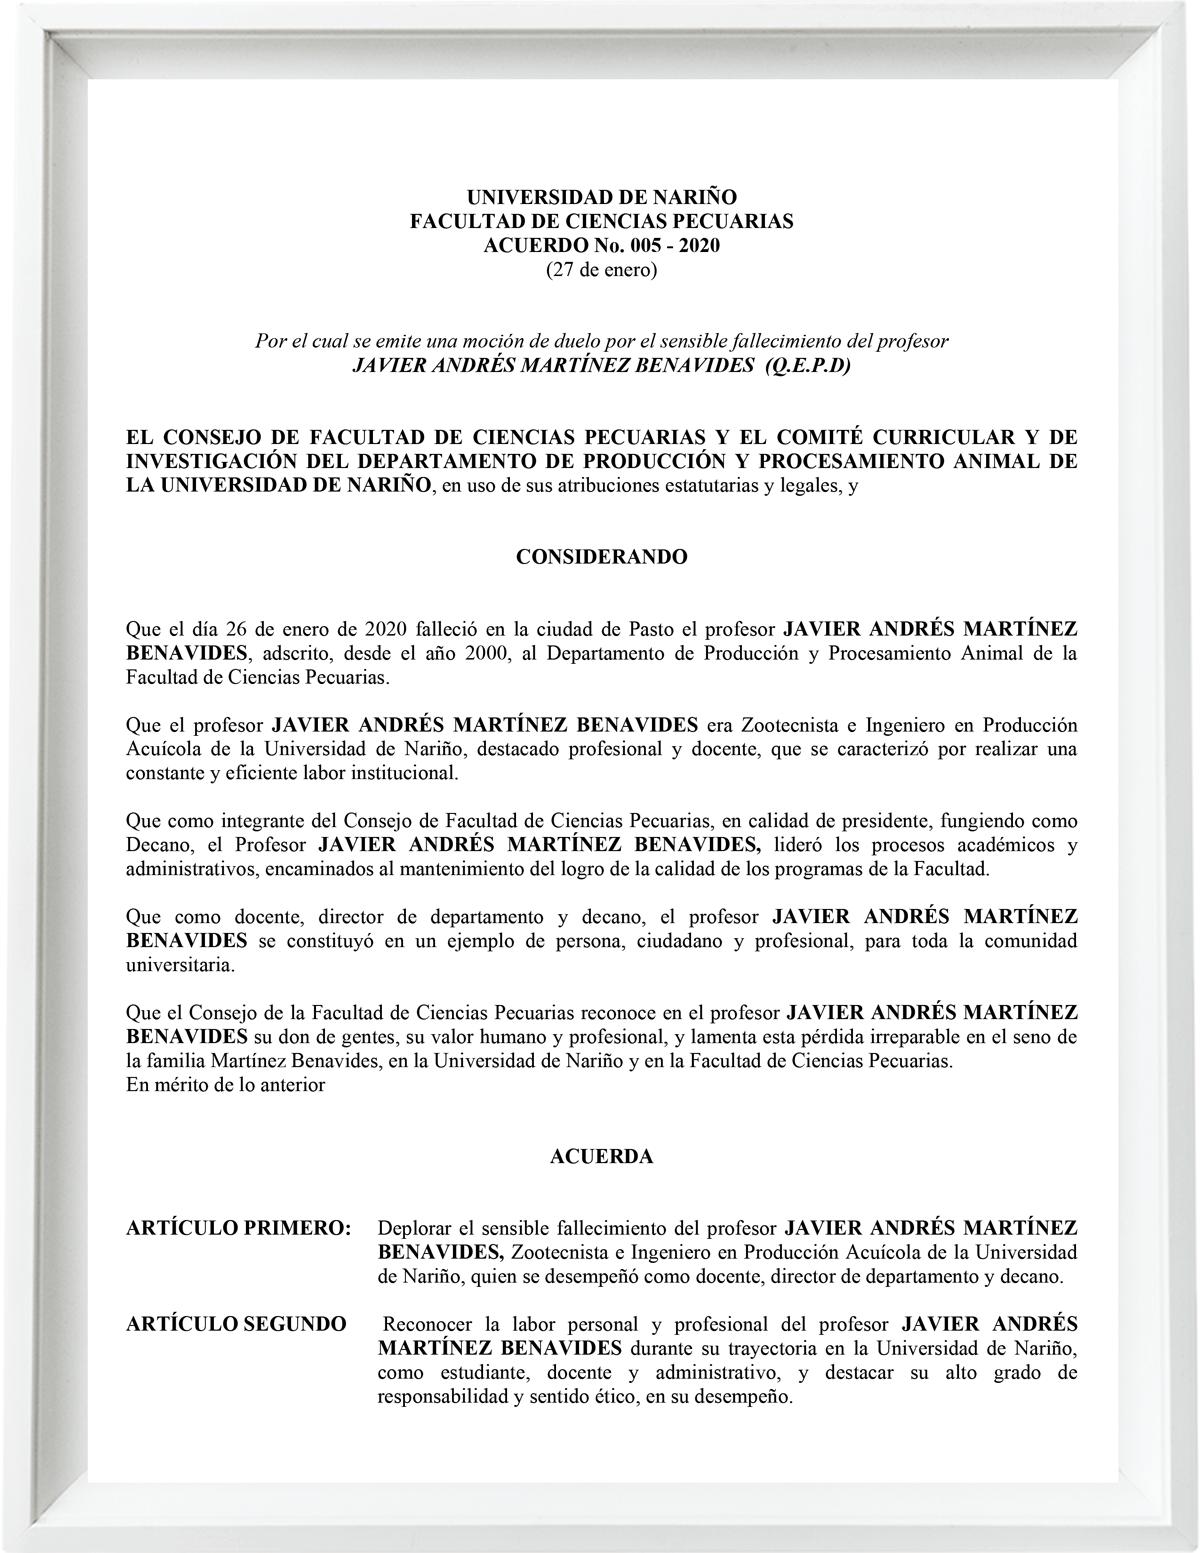 consejo-facultad-de-ciencias-pacuarias-udenar-periodico